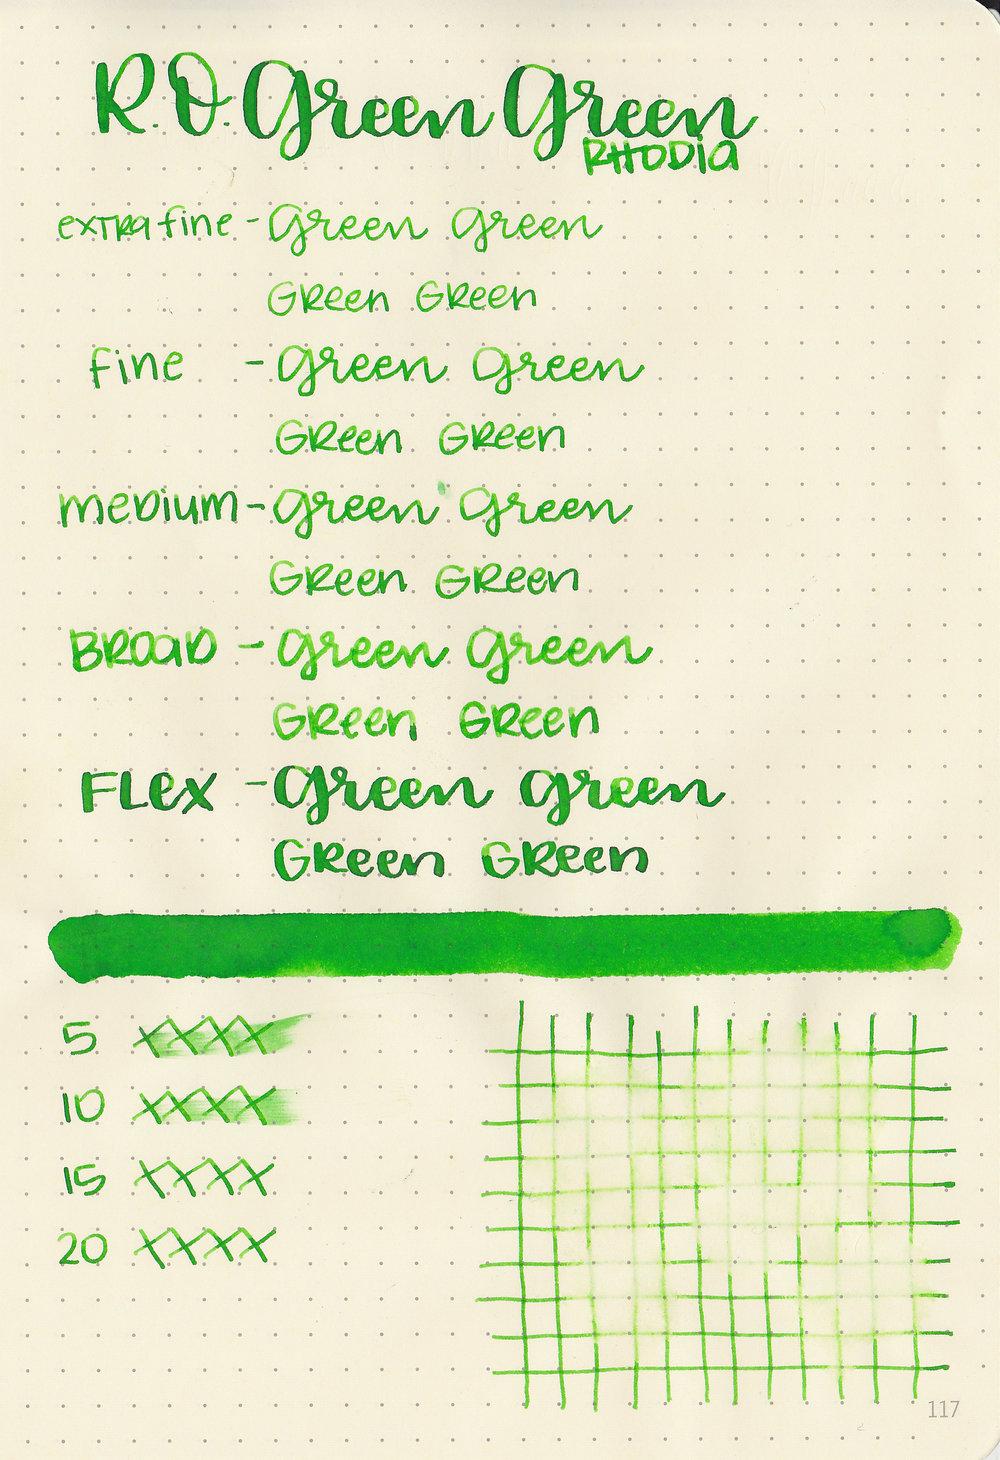 ro-green-green-11.jpg